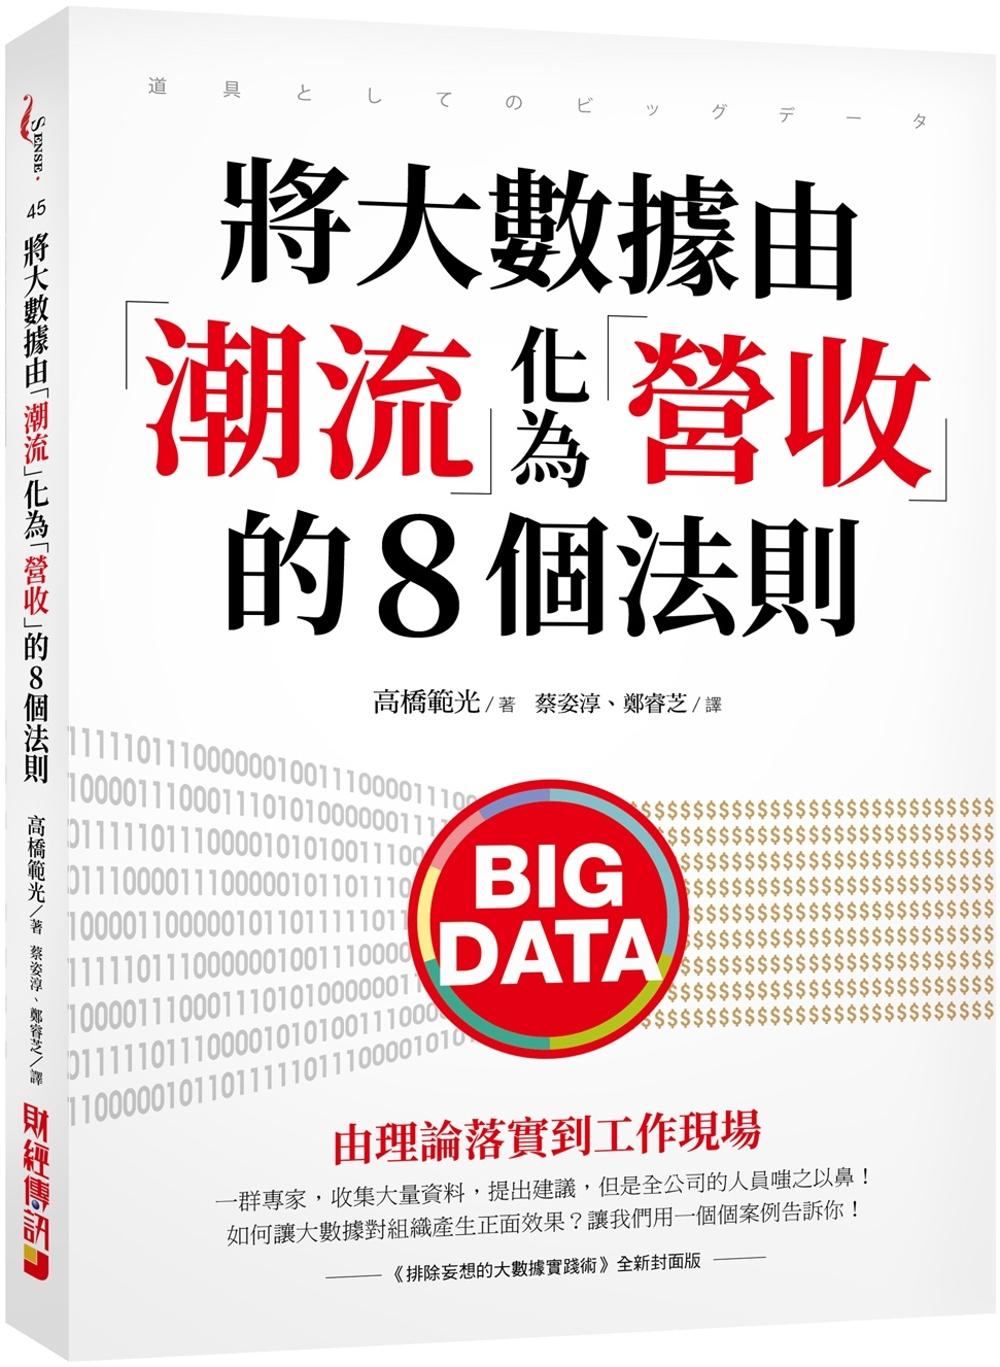 將大數據由「潮流」化為「營收」的8個法則:由理論落實到工作現場